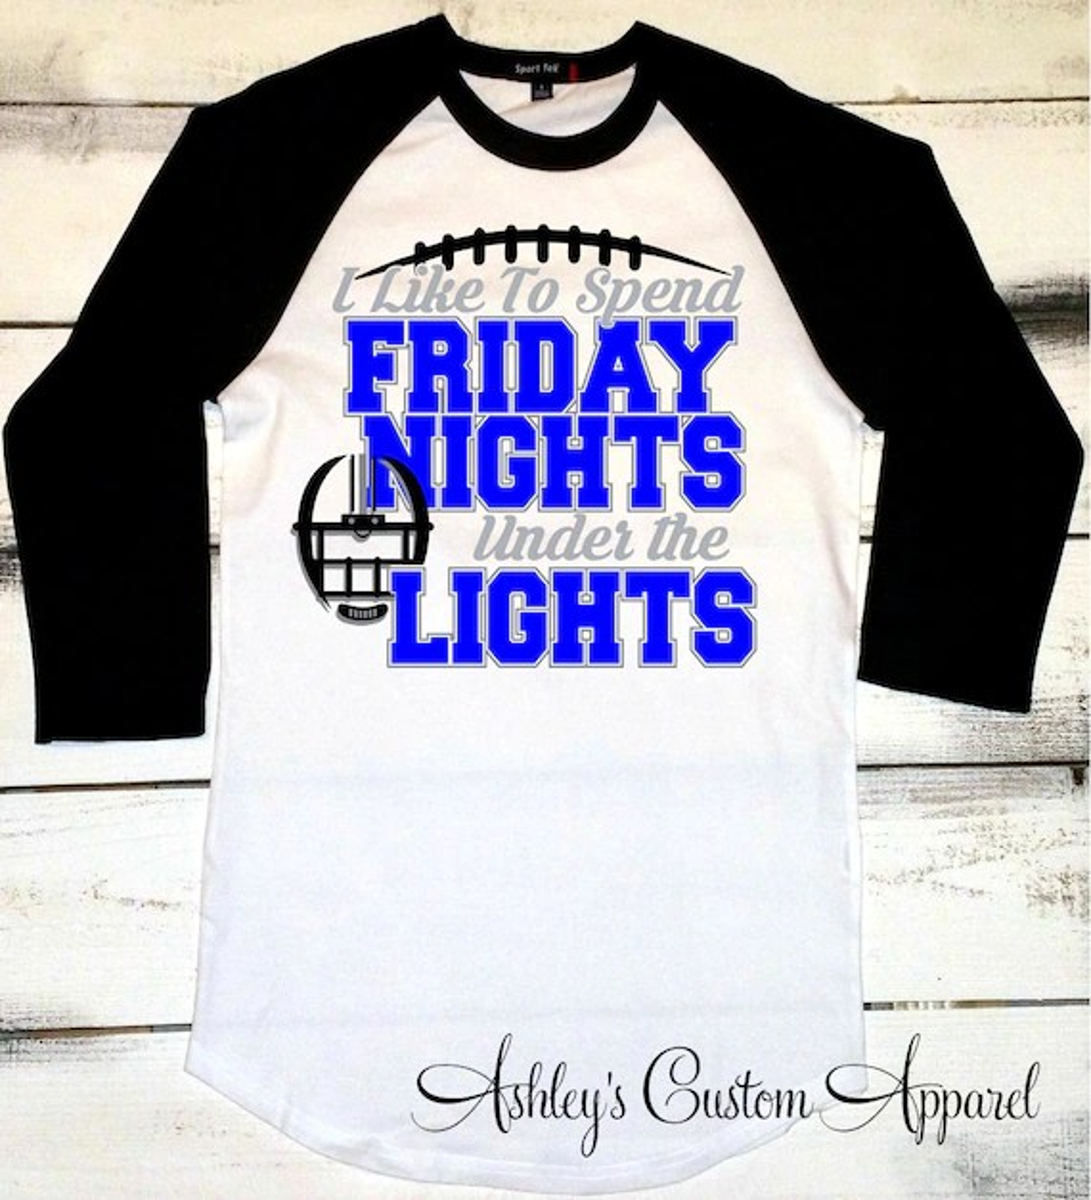 Friday Night Lights Apparel